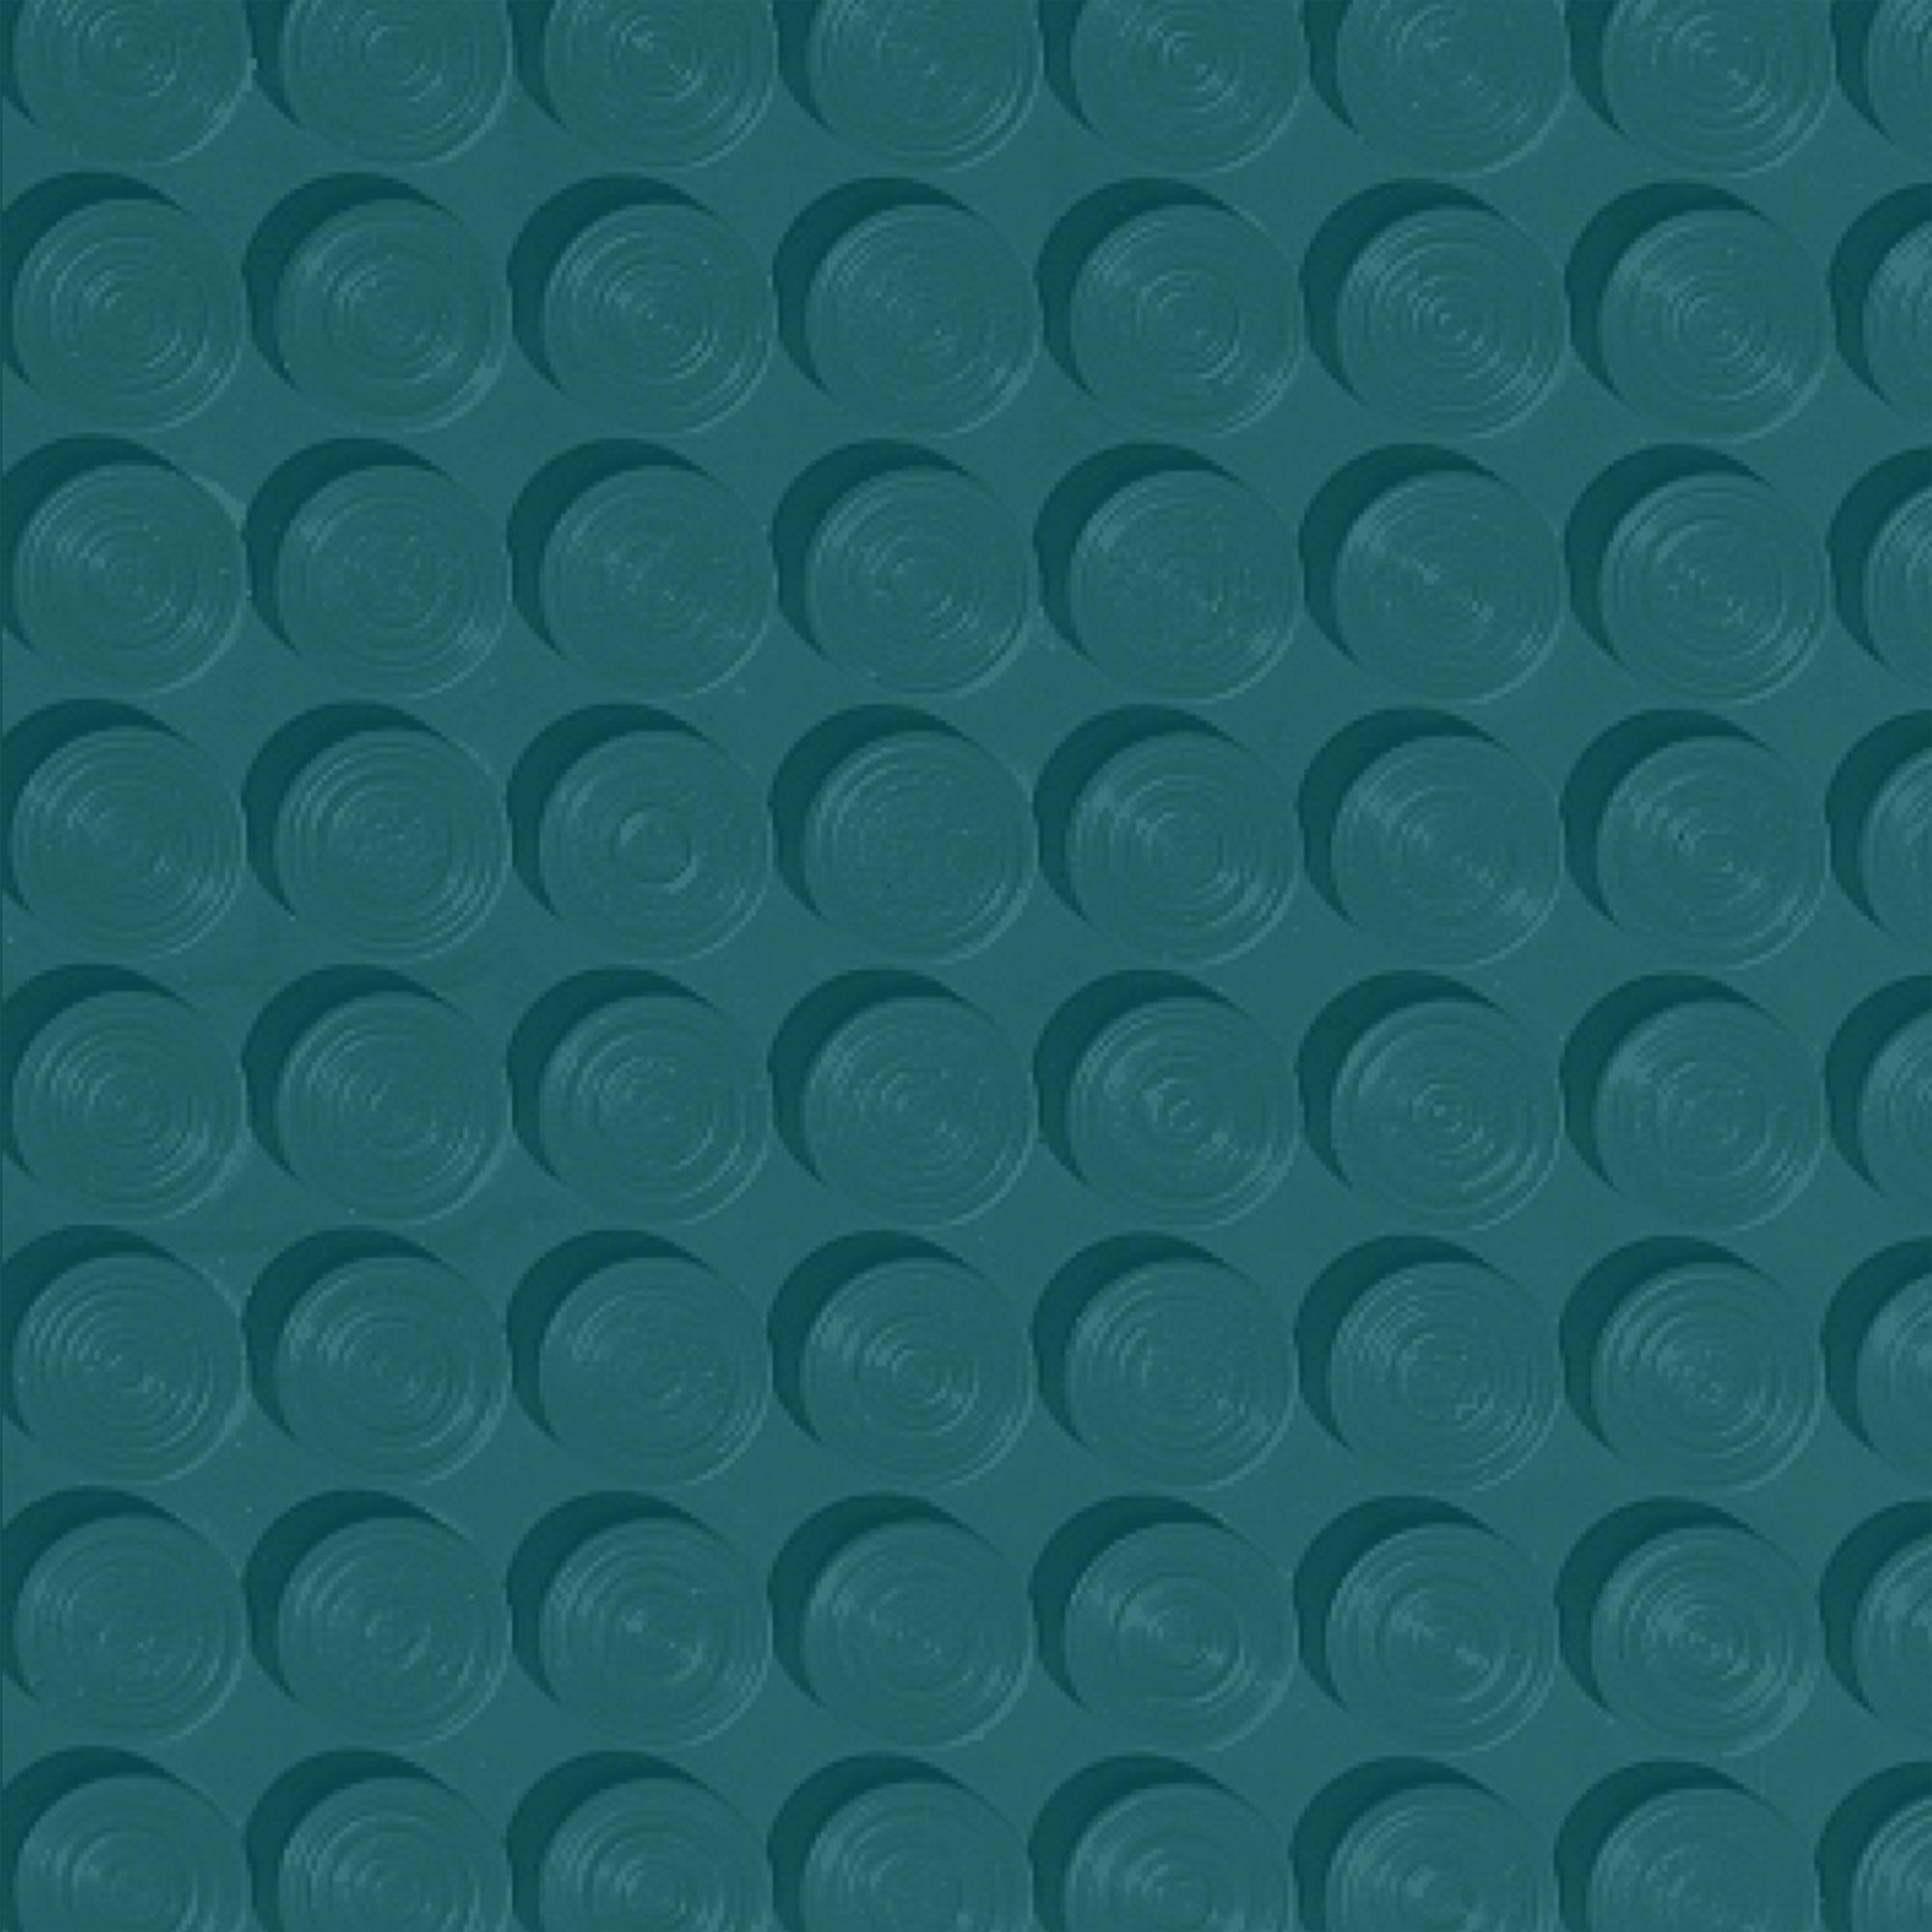 Roppe Rubber Tile 900 - Lug Back Vantage Design (LB996) Peacock Rubber Flooring